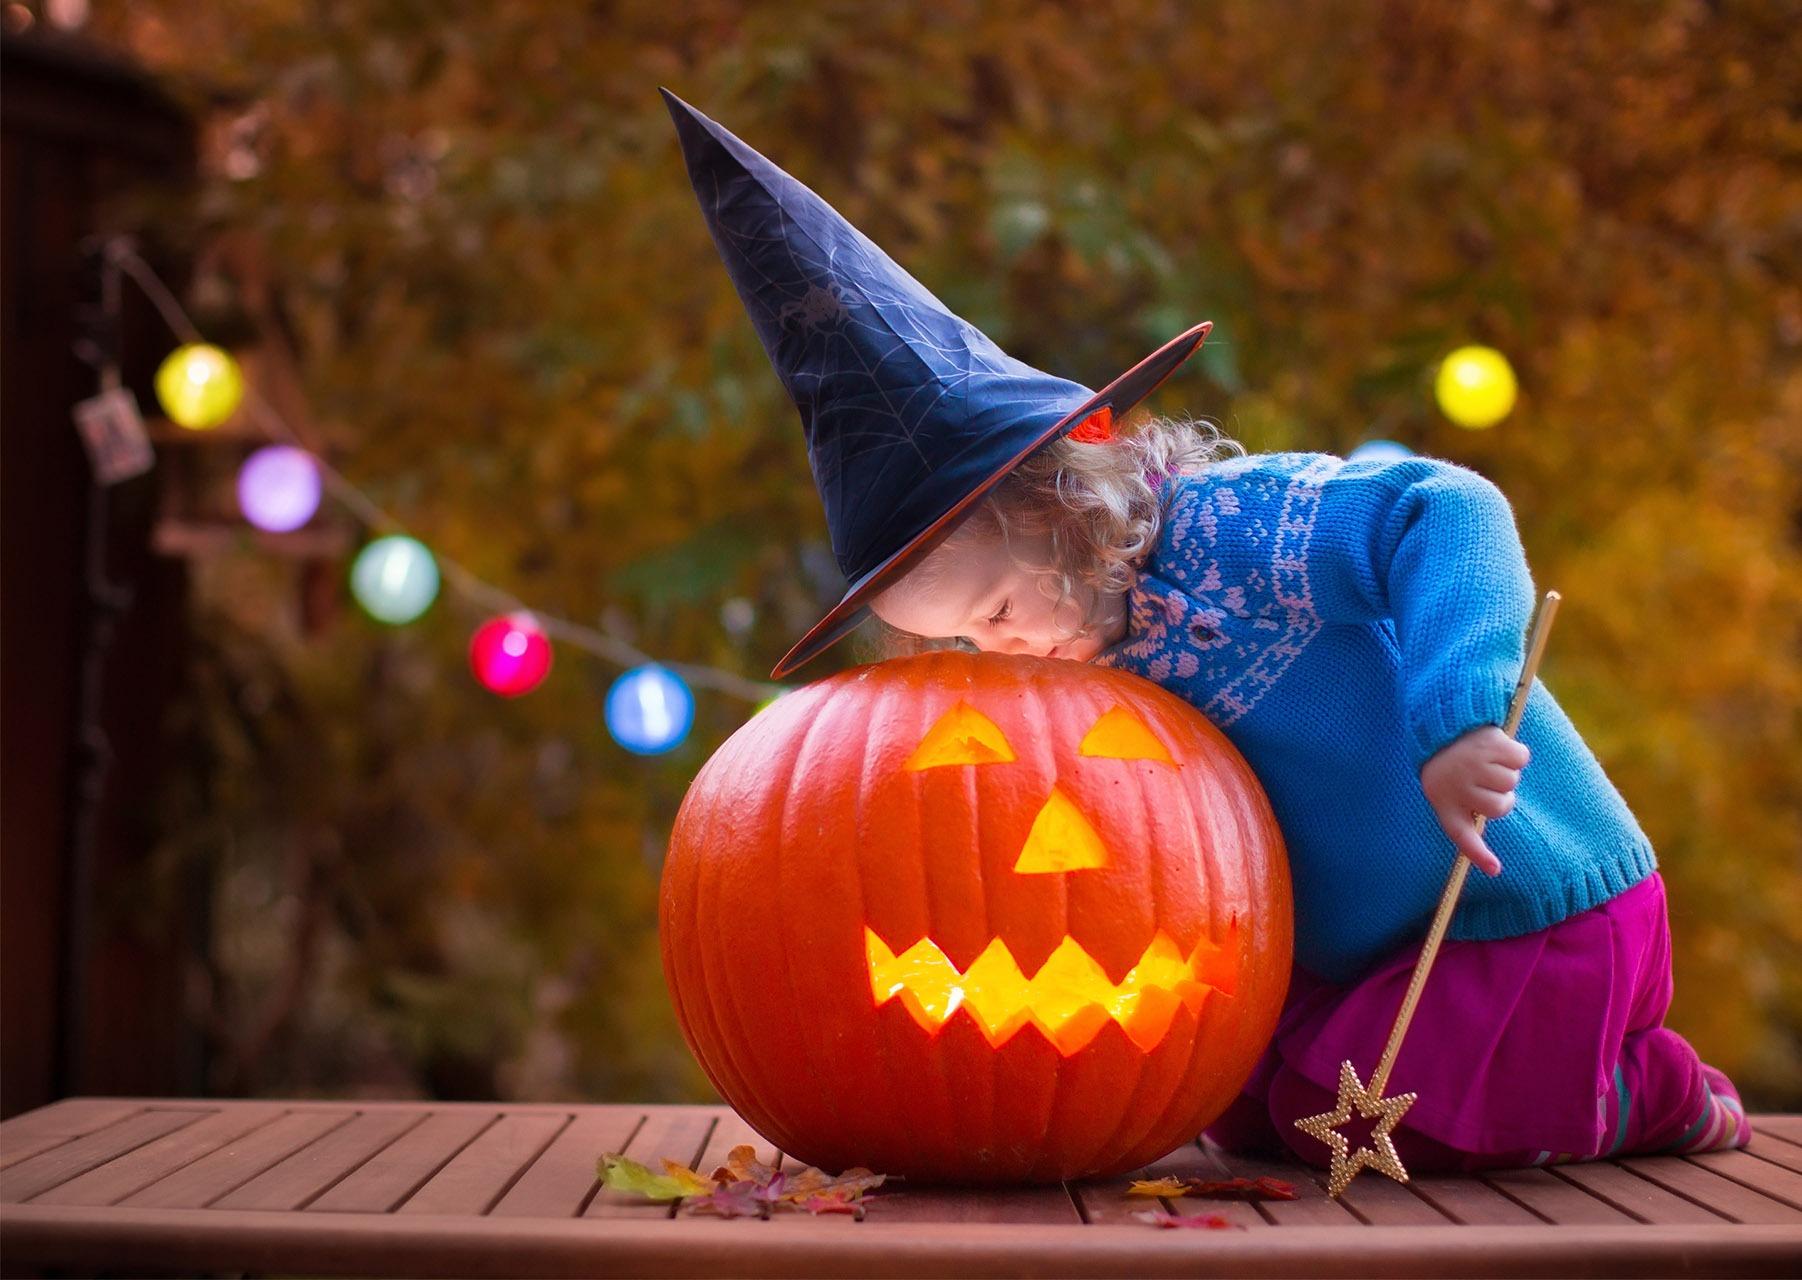 Halloween party im garten deko ideen und vieles mehr - Halloween deko garten ...